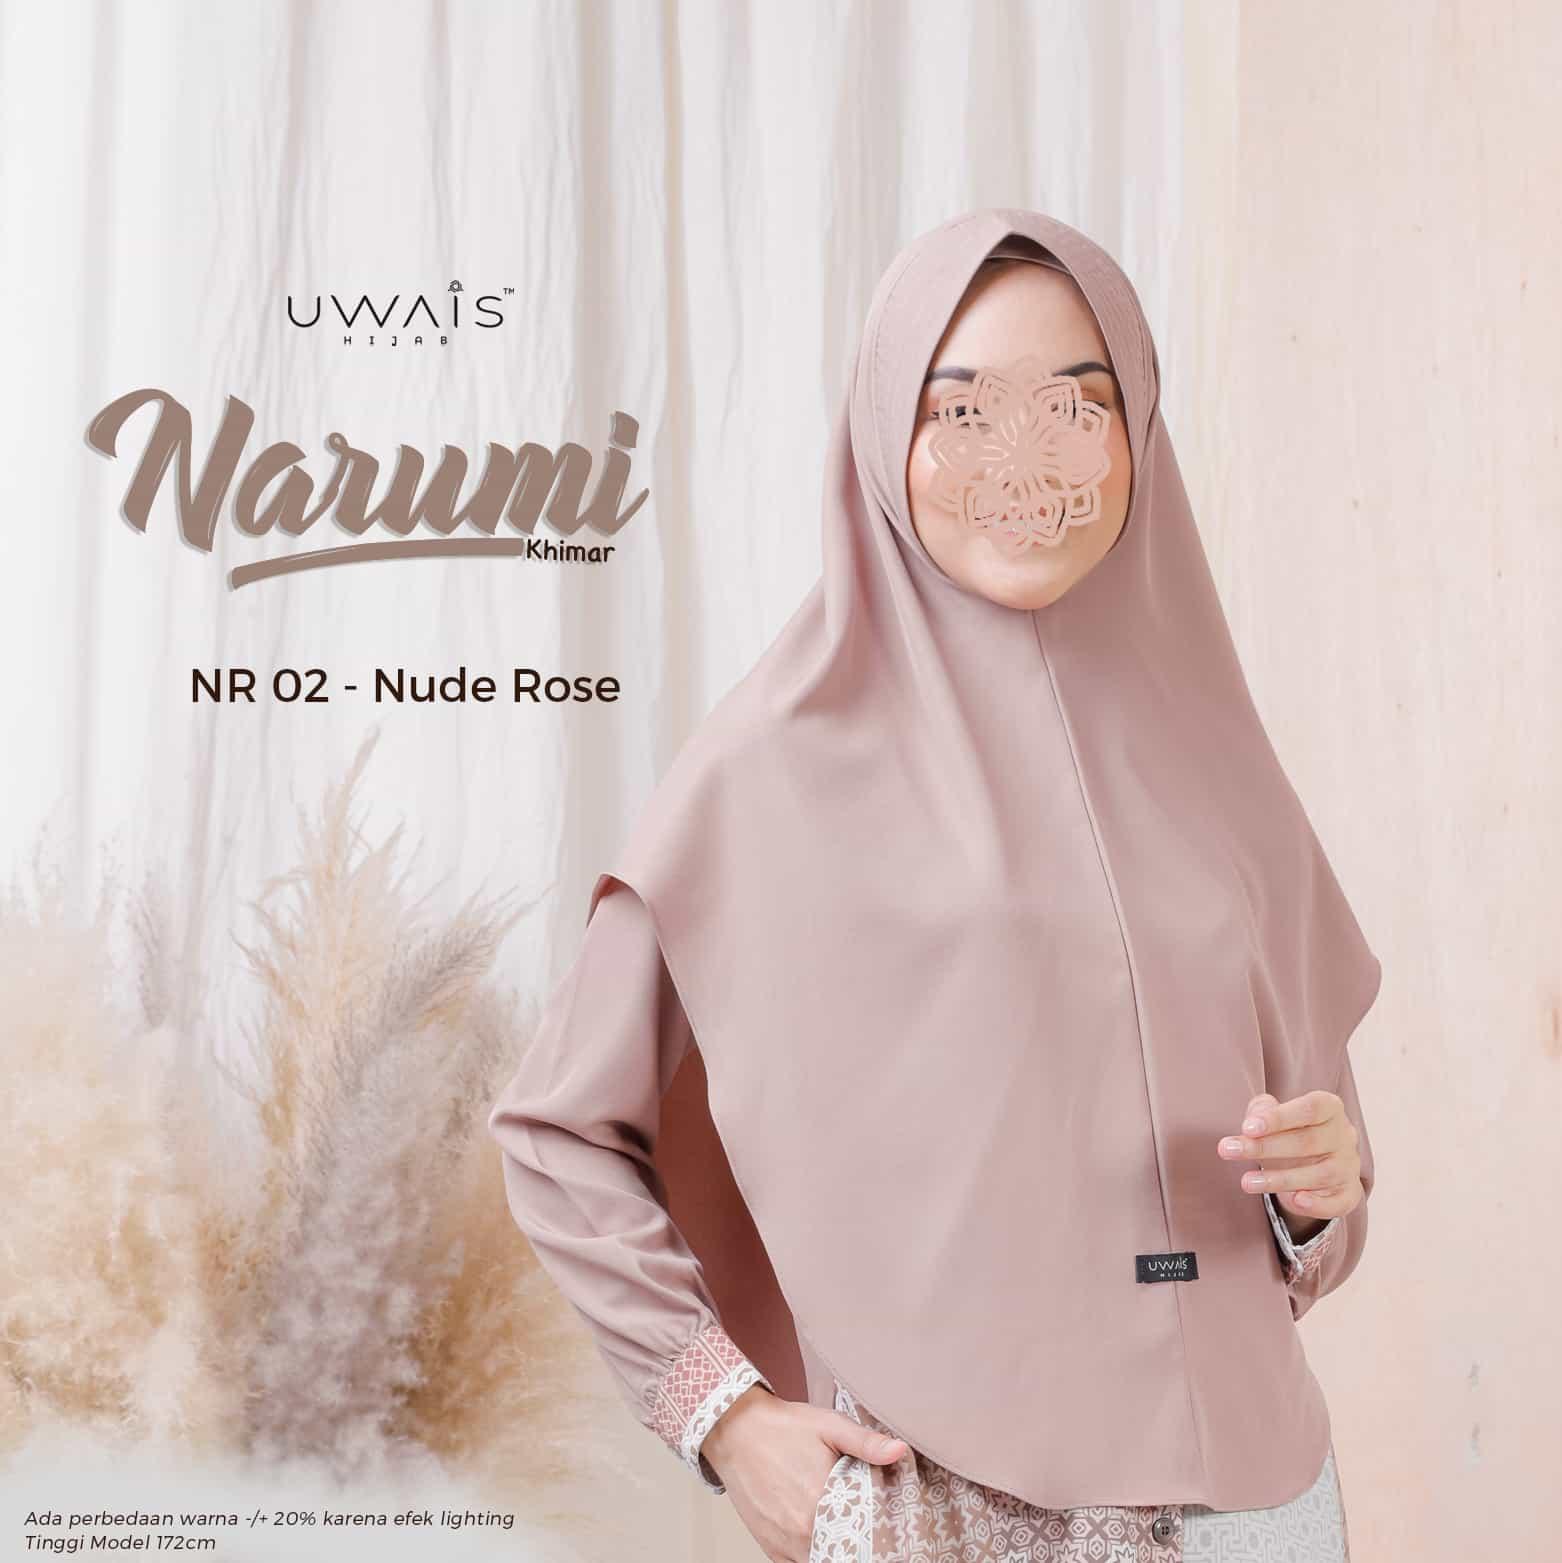 namuri_khimar_nude_r_uR24K